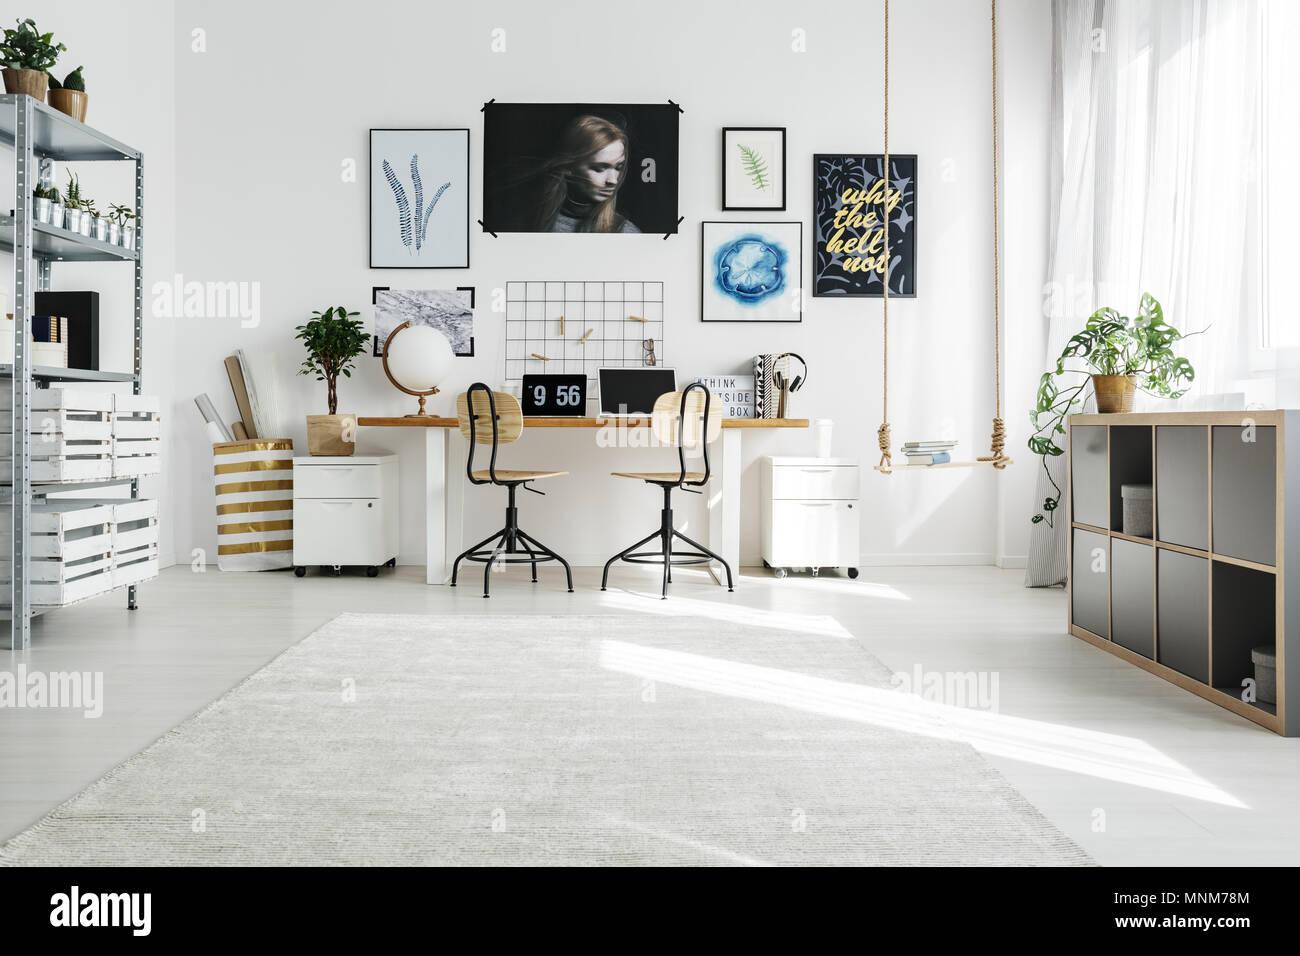 Geraumige Weiss Home Office In Nach Skandinavischer Stil Stockfoto